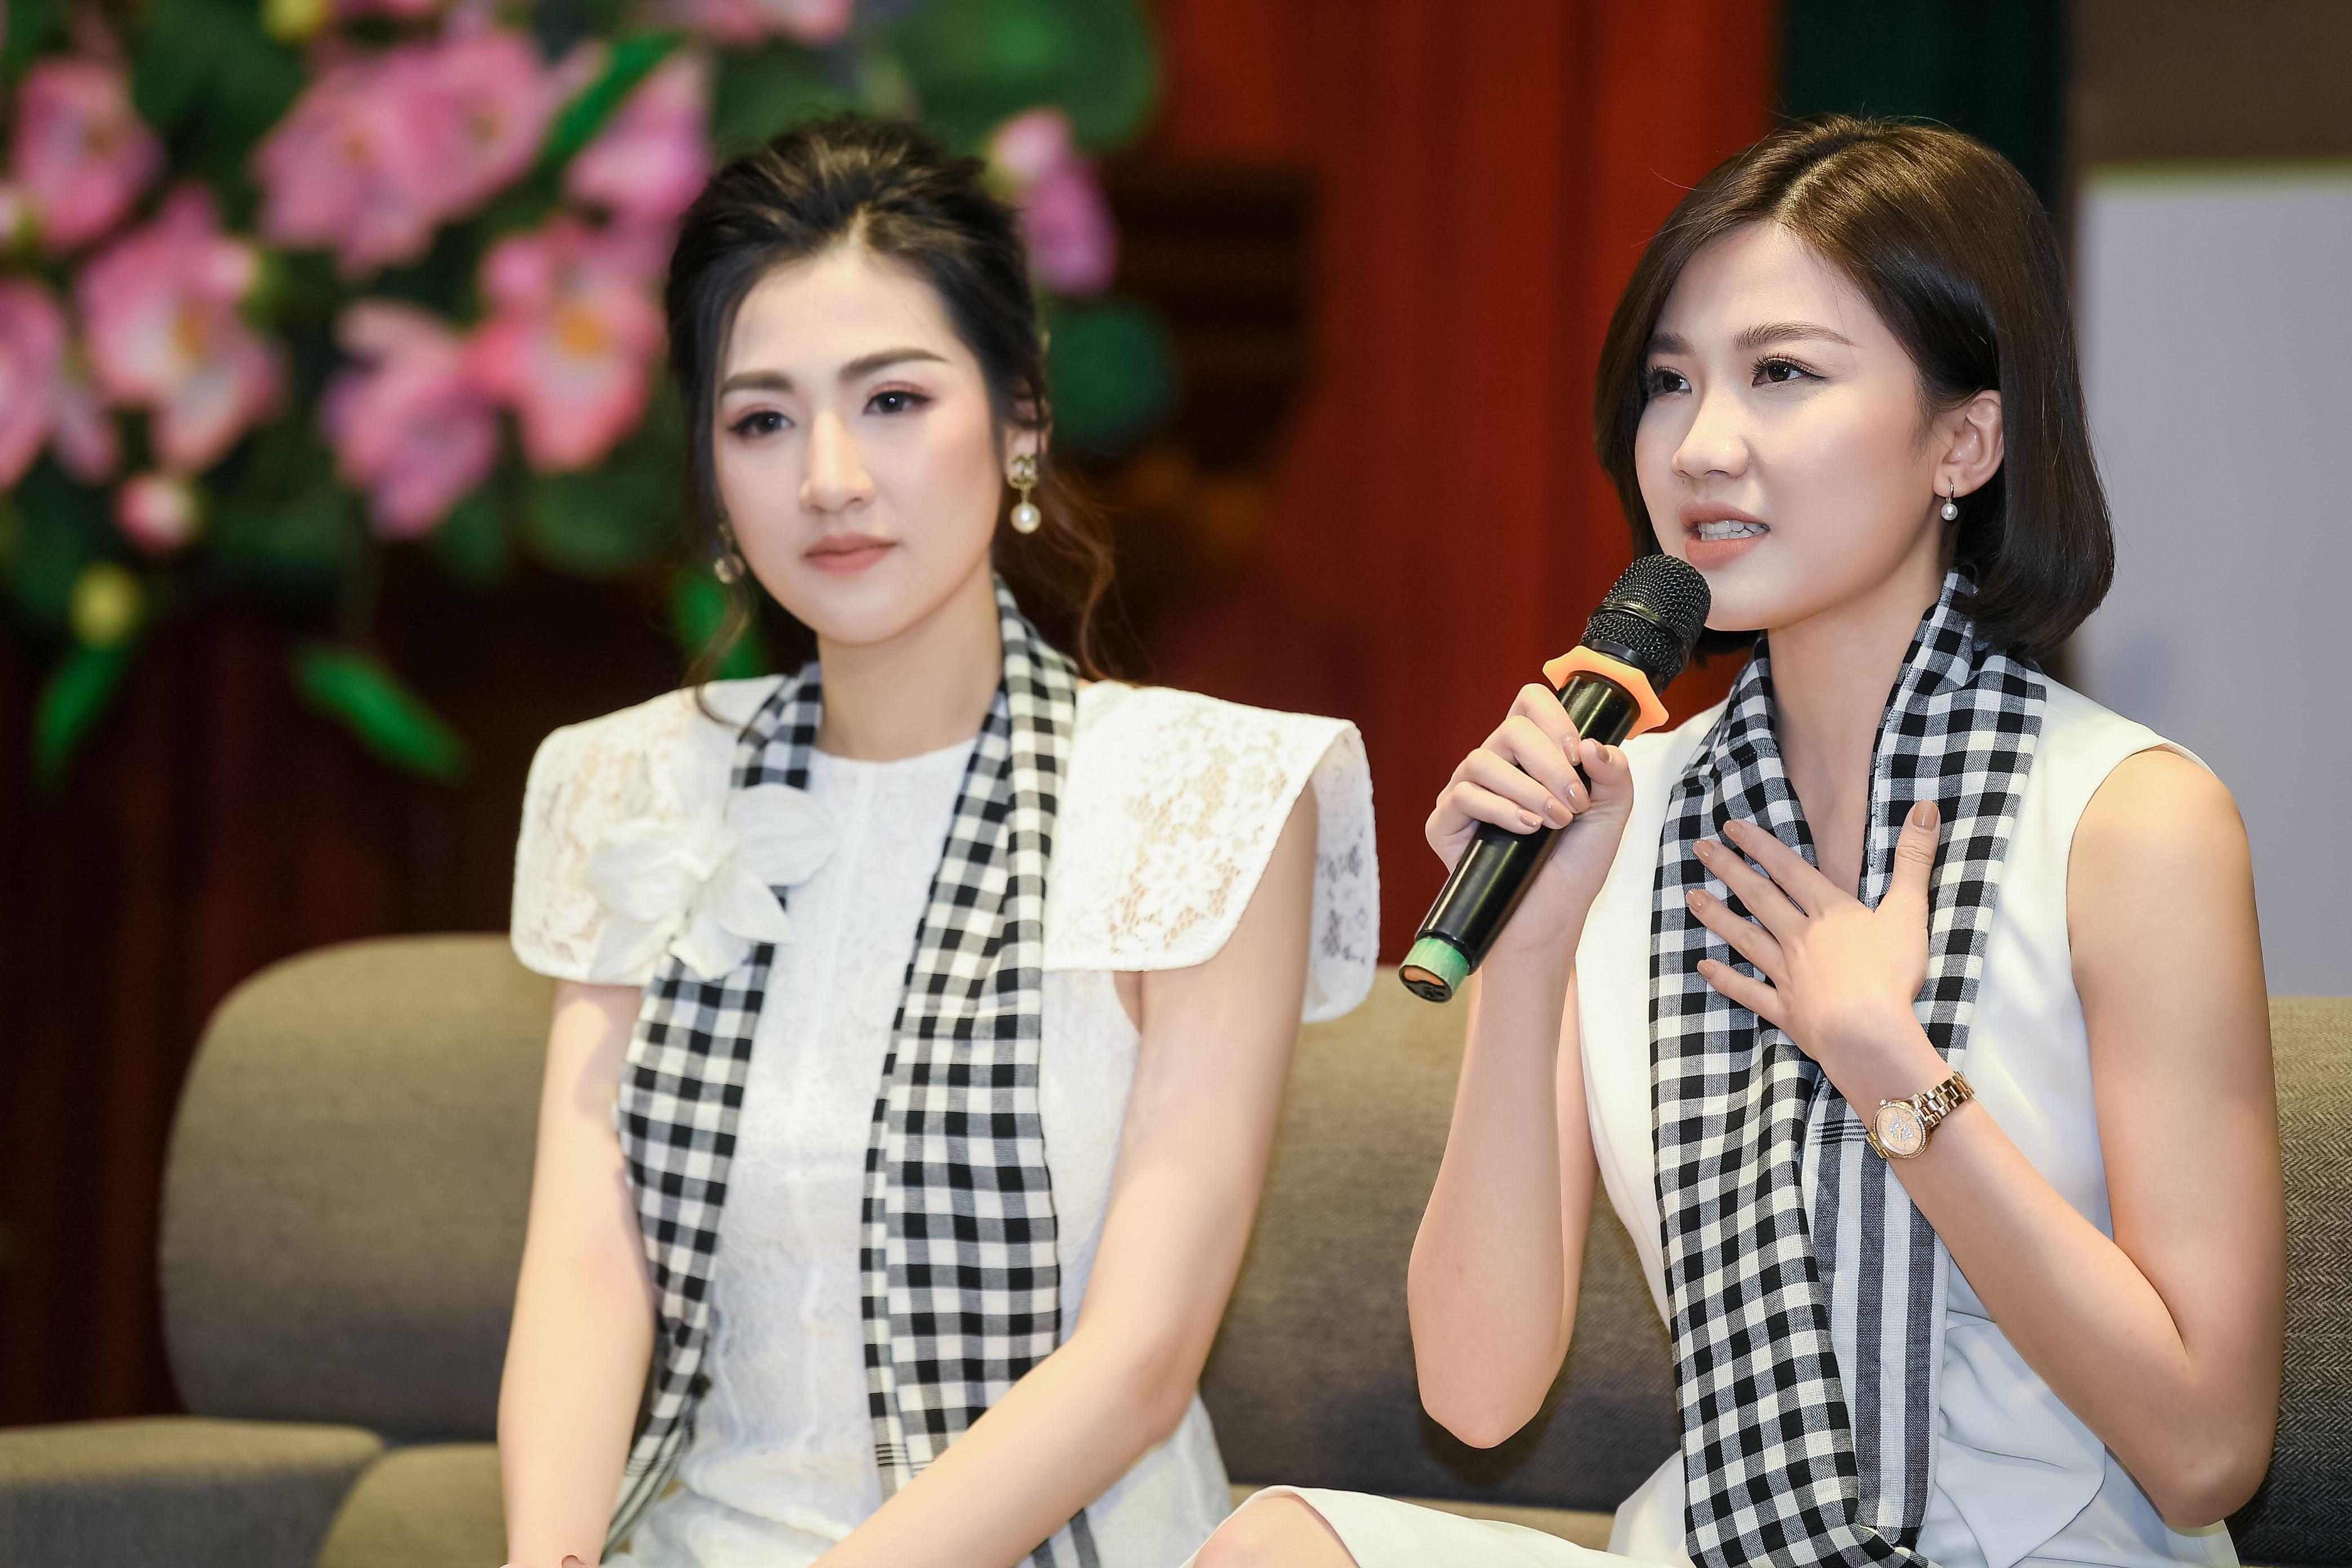 'Tiểu tam Trà' Lương Thanh đọ sắc bên Á hậu Tú Anh 4